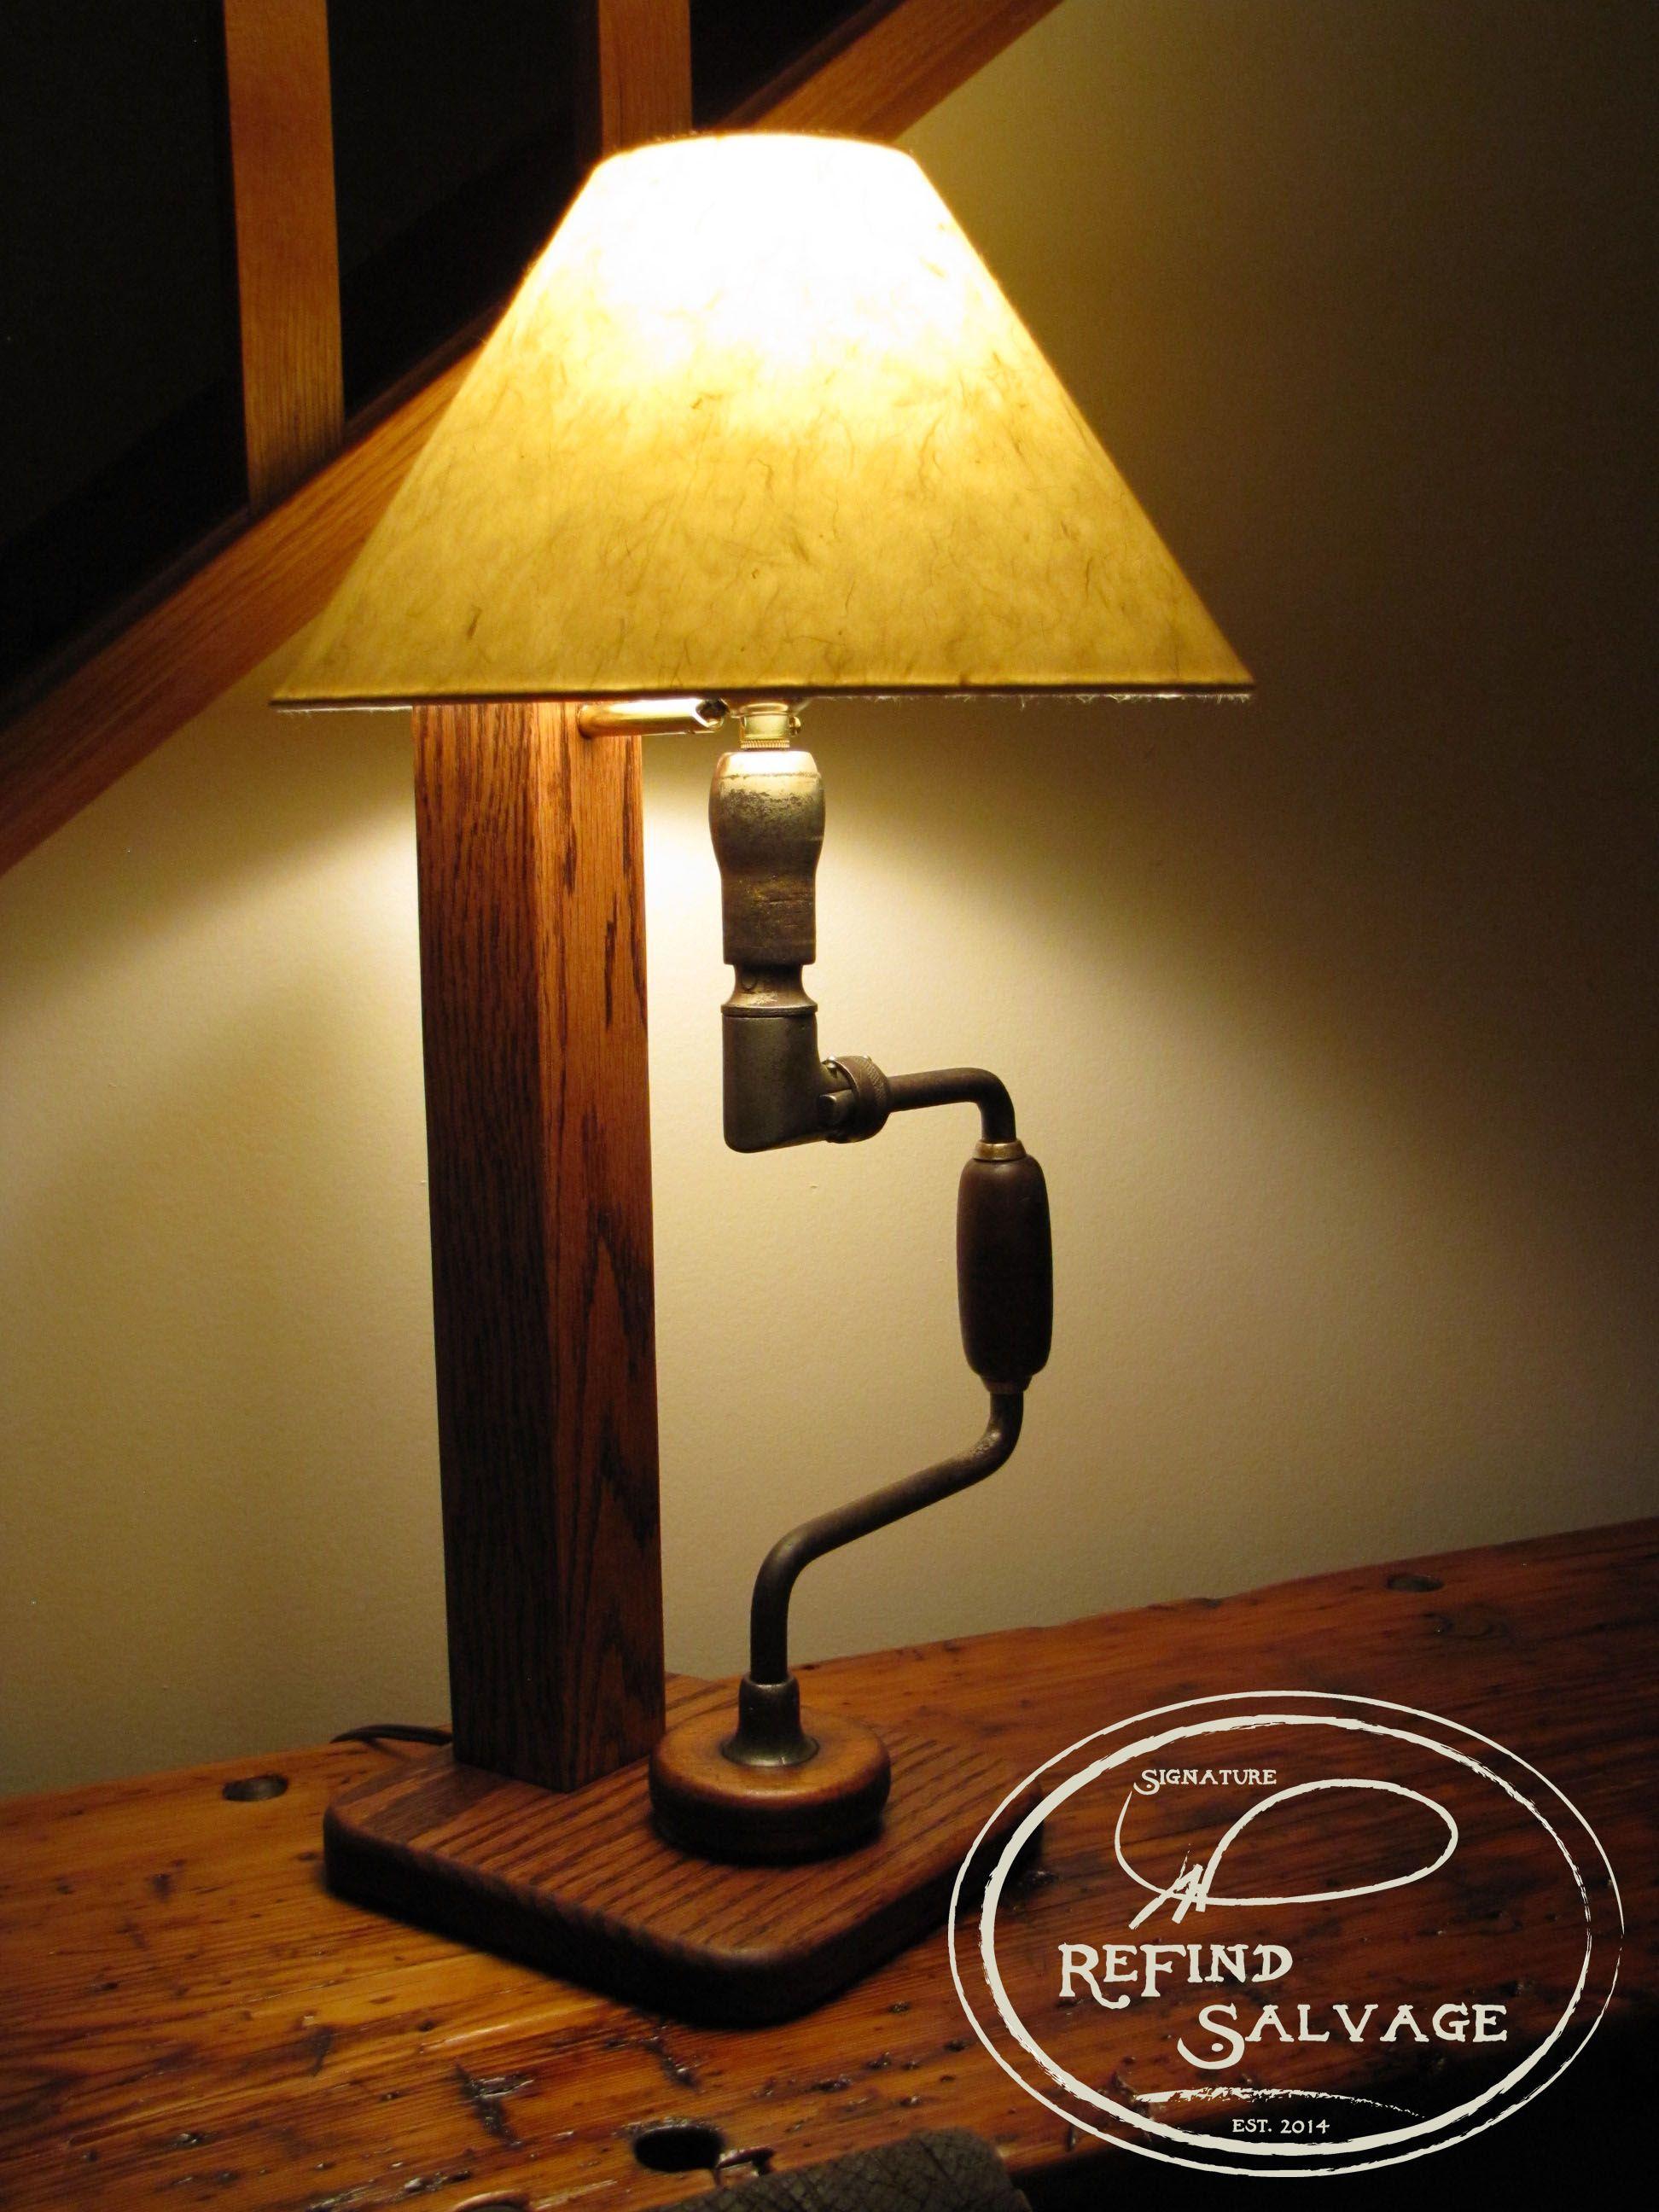 une lampe avec une virole recycl e d co diy d co diy. Black Bedroom Furniture Sets. Home Design Ideas